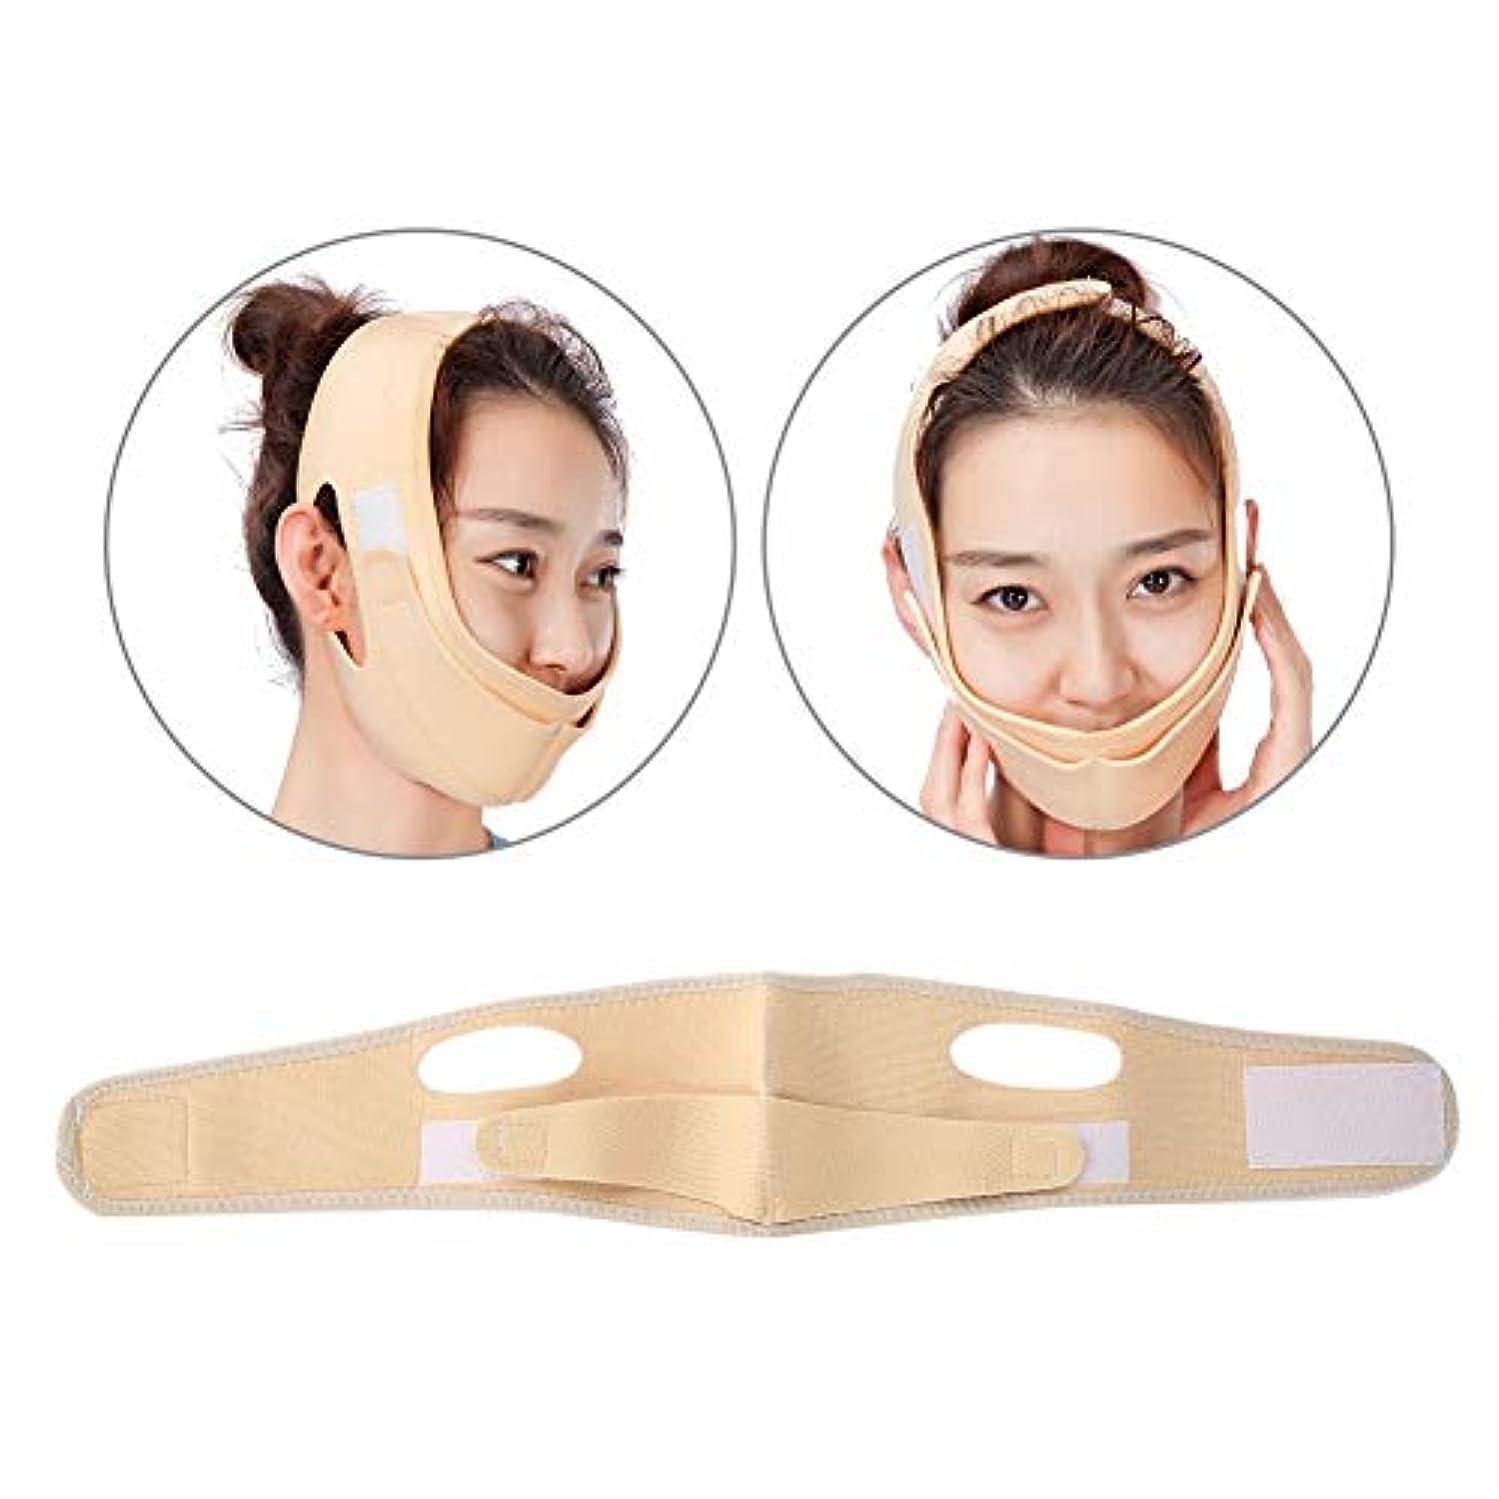 橋脚死の顎のヒープフェイスリフト用 フェイスマスク 顔輪郭を改善する 美容包帯 通気性/伸縮性/変形不可(01)